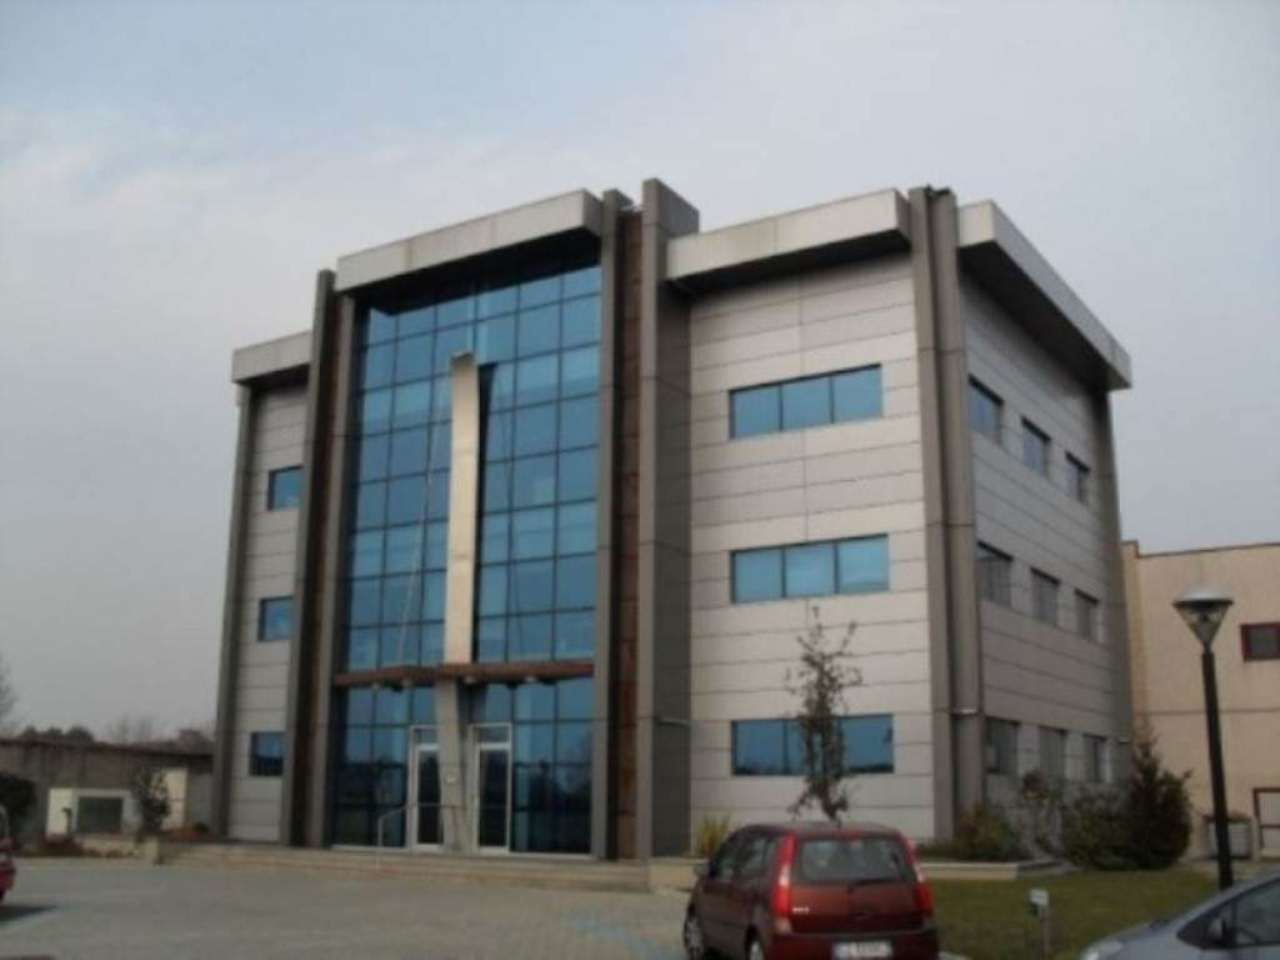 Ufficio / Studio in affitto a Verano Brianza, 4 locali, prezzo € 1.000 | Cambio Casa.it